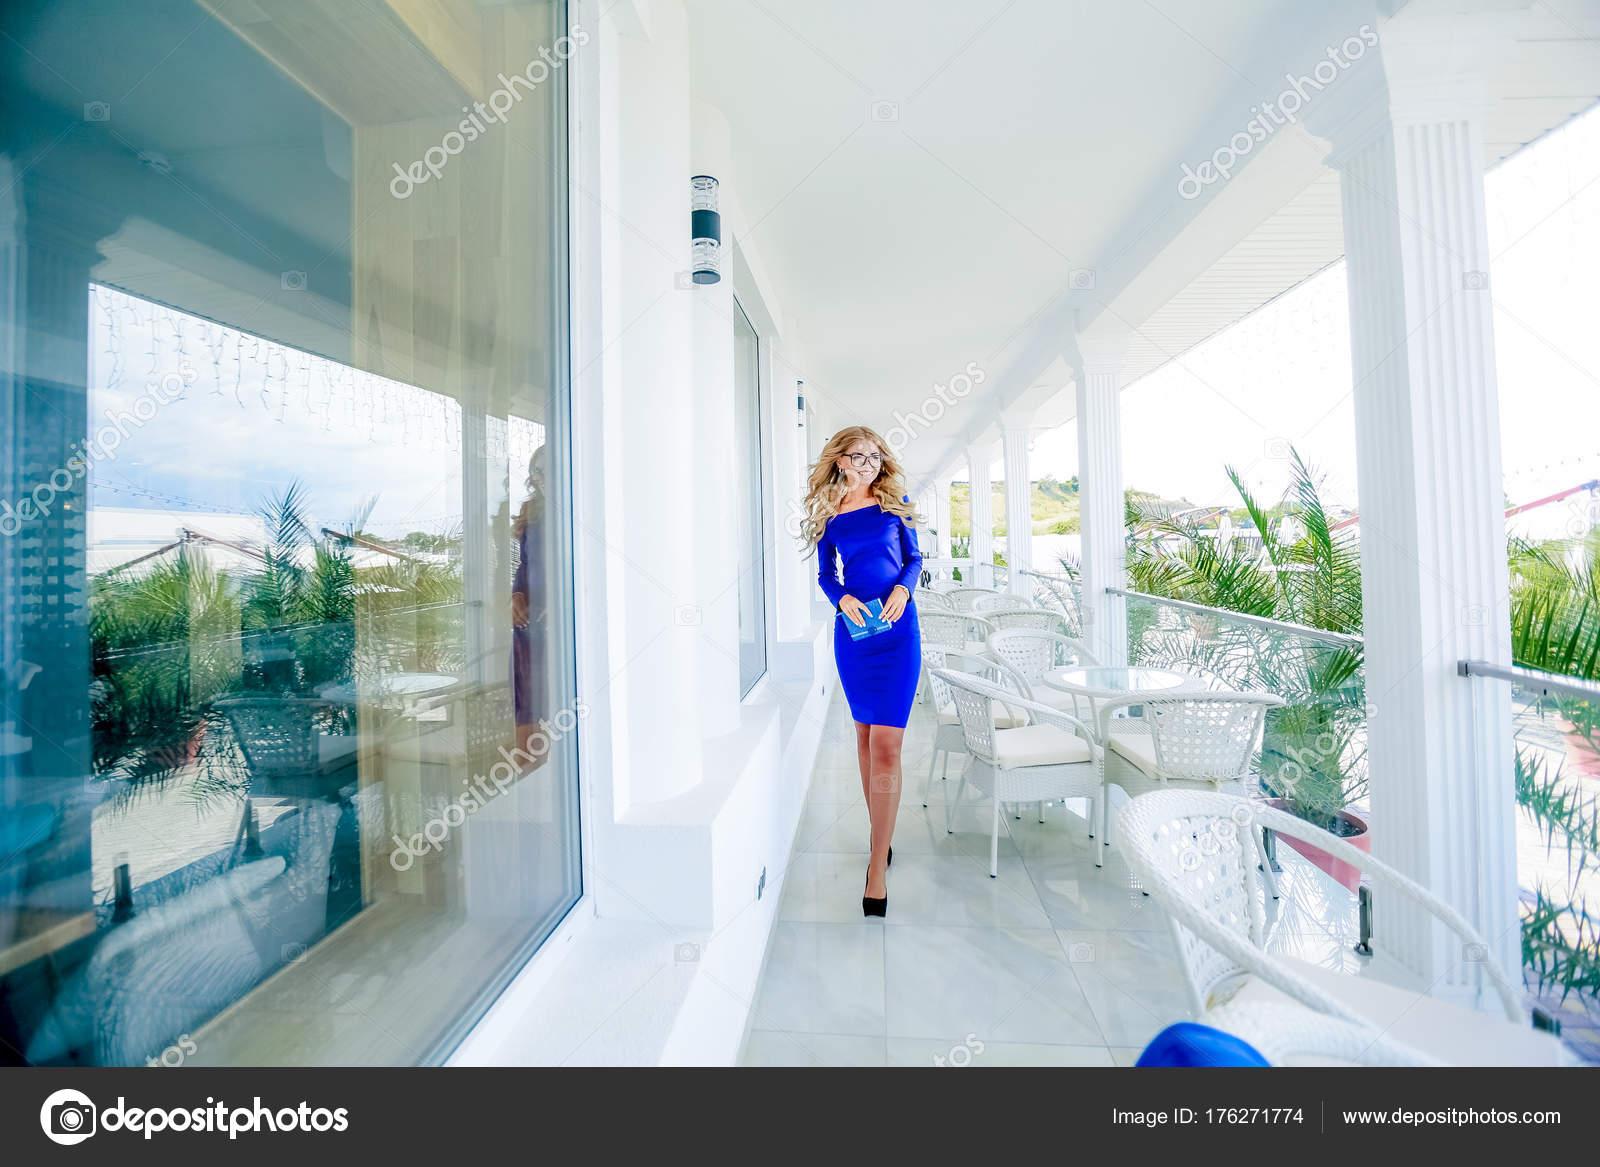 Atractivo Joven Vestido Azul Caminar Blanca Terraza Edificio